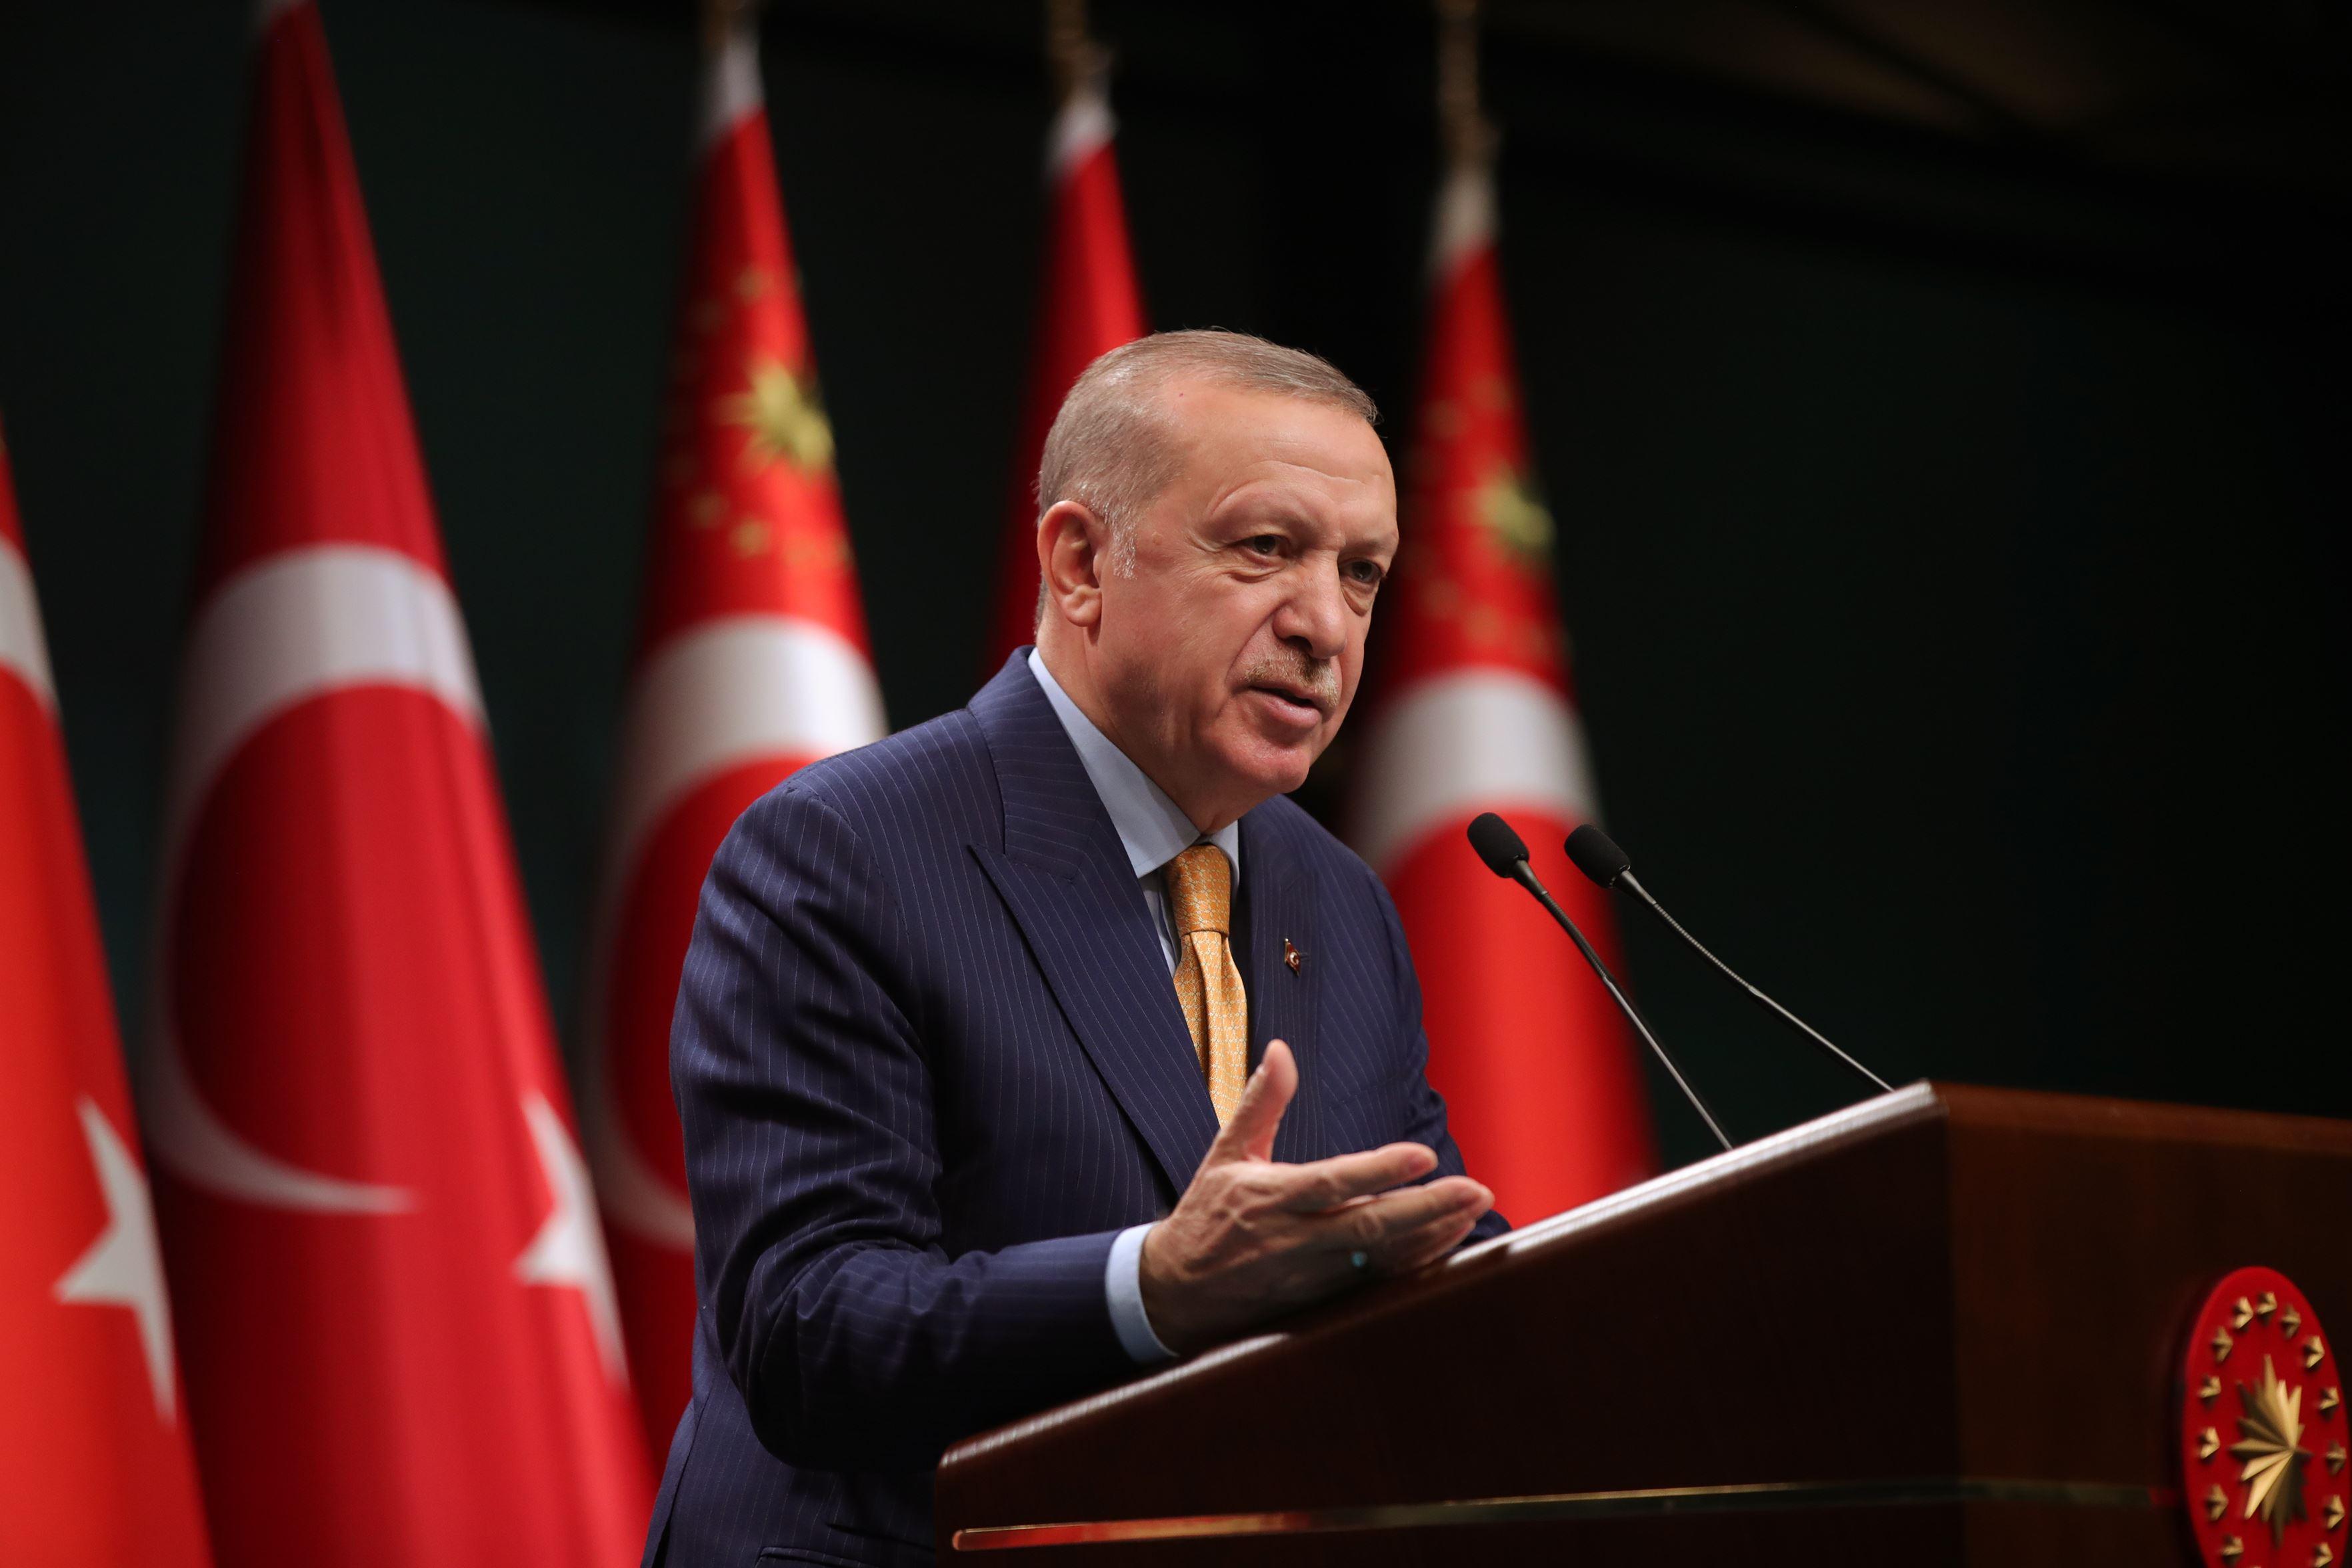 Deniz Baykal, Cumhurbaşkanı Erdoğan ile yaptığı görüşmeyi anlattı! Zülfü Livaneli'ye sitem etti